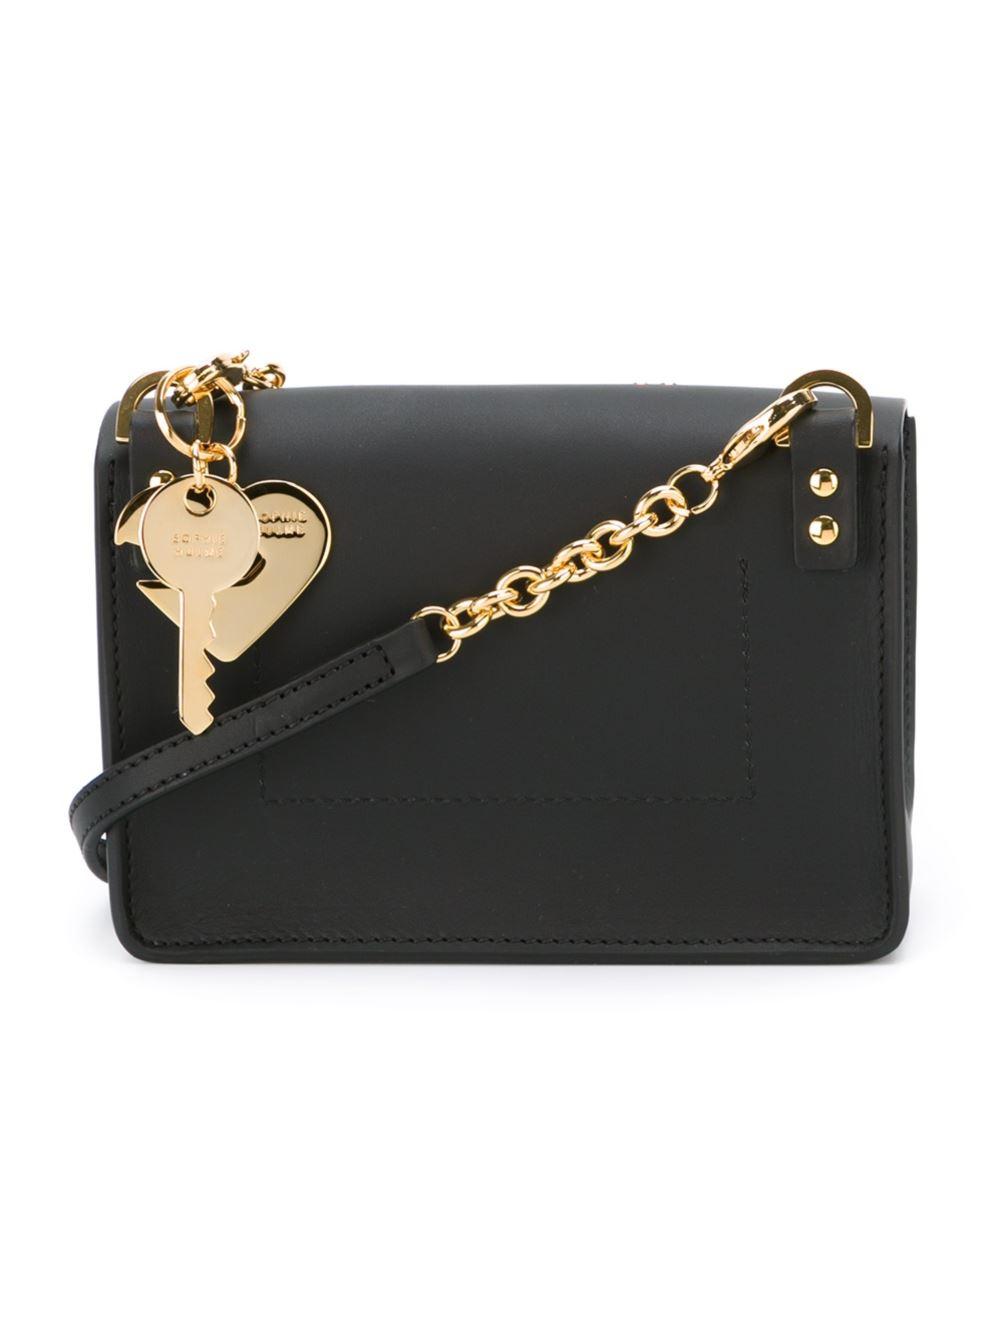 Sophie Hulme Nano Black & Hearts Milner Leather Cross-Body Bag